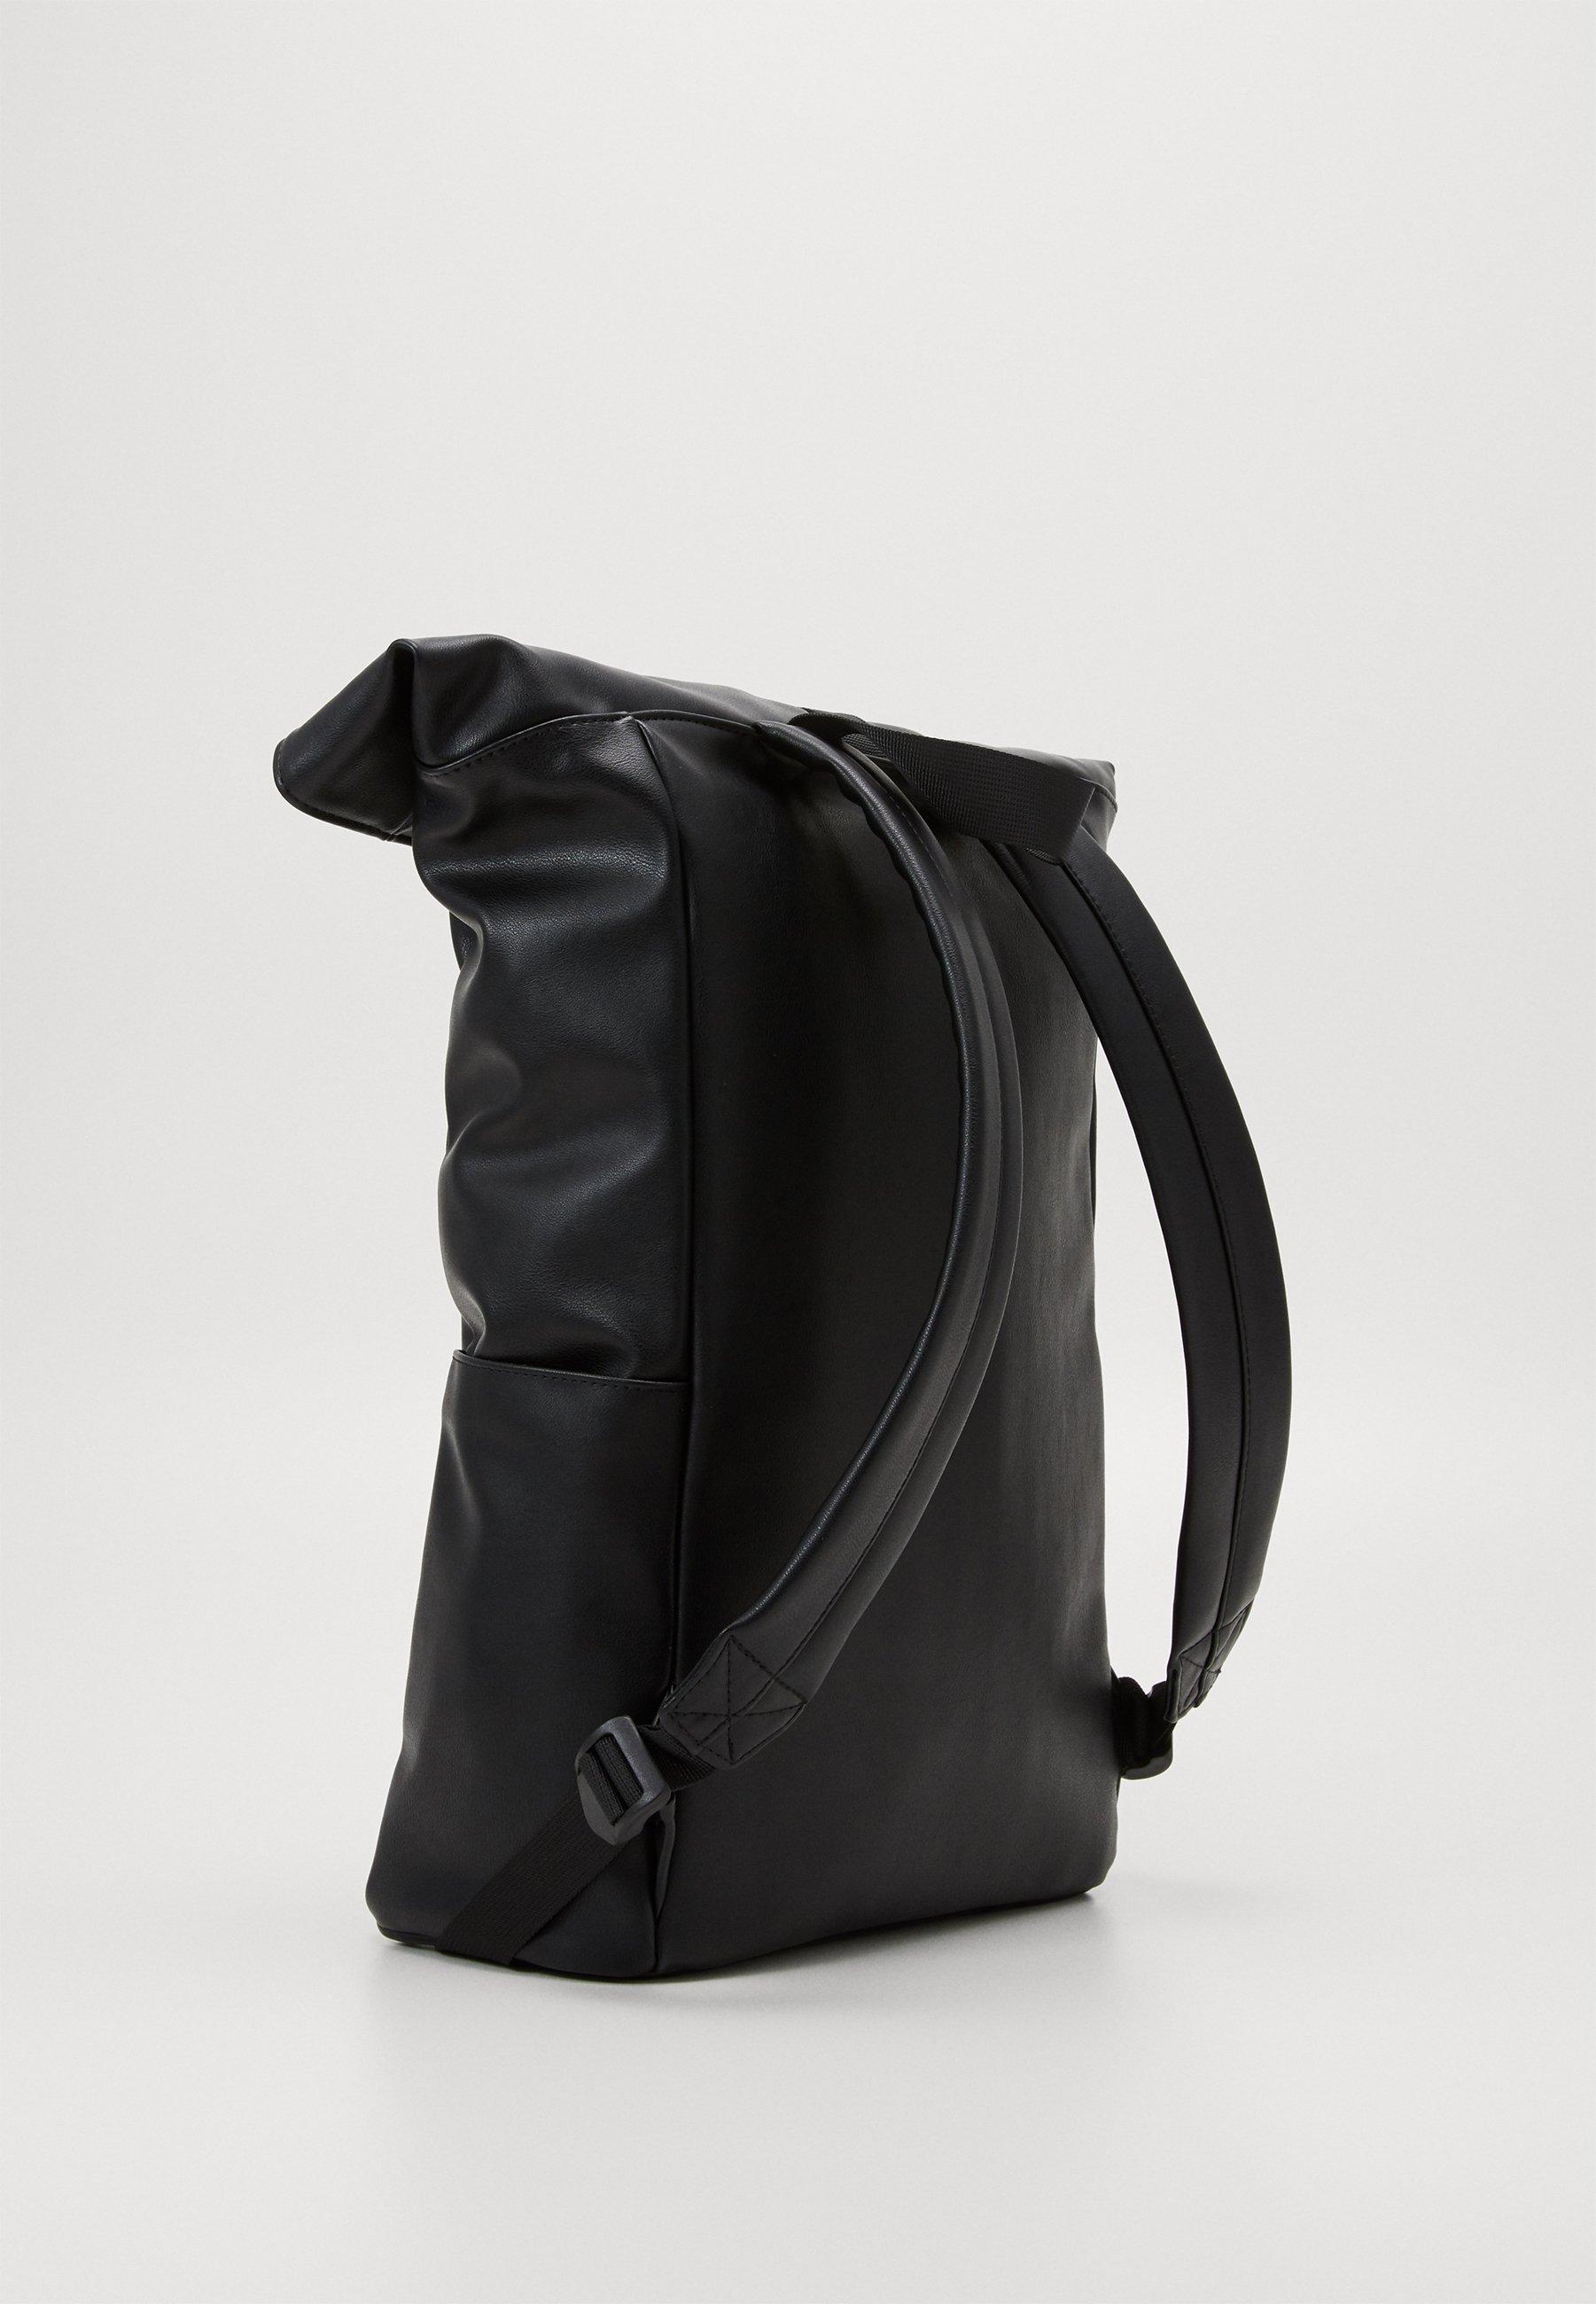 Tagesrucksack black